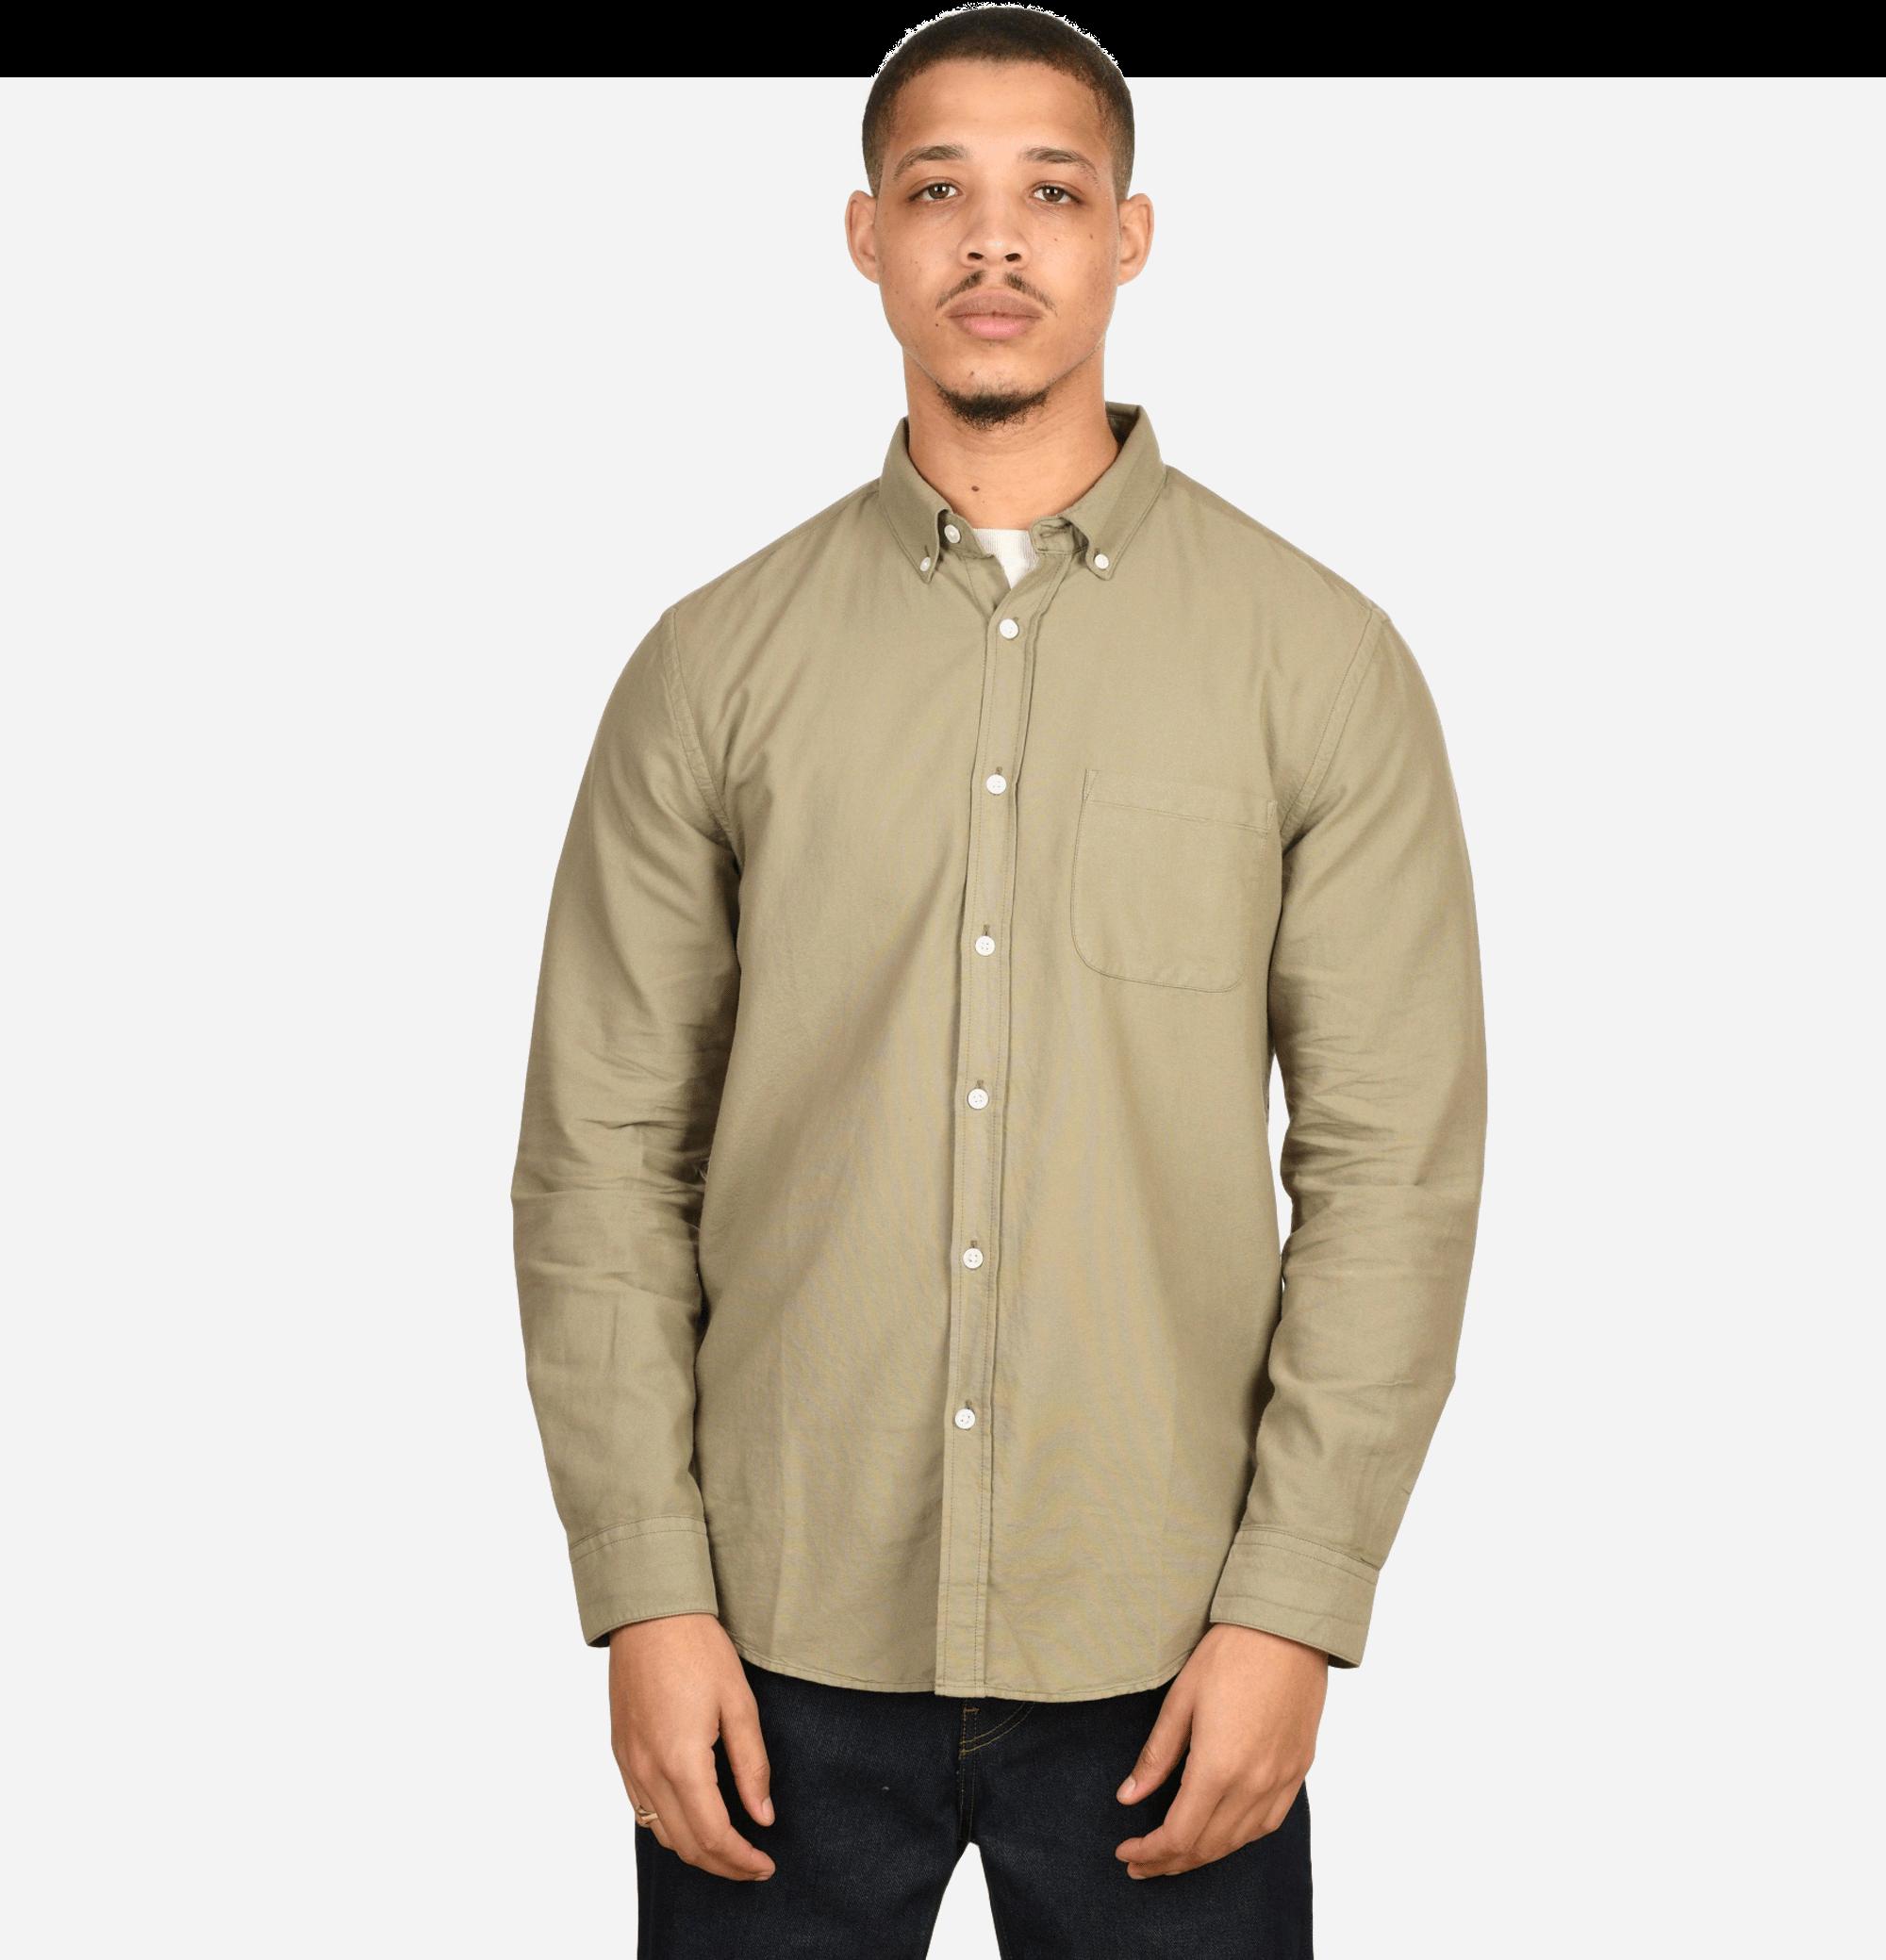 Belavista Shirt Olive